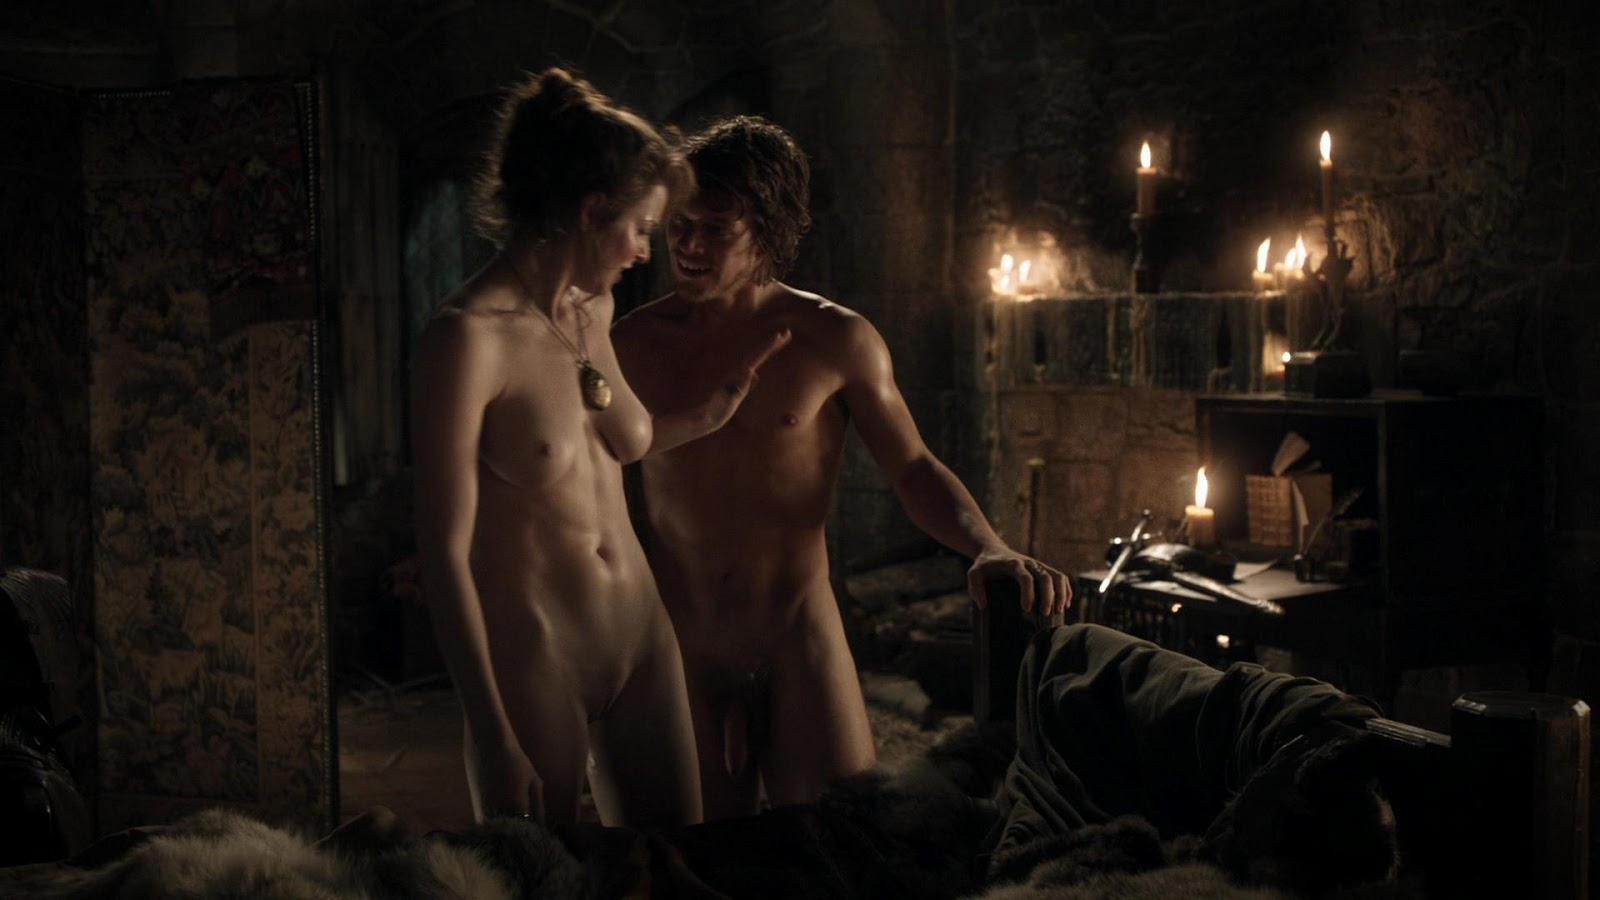 Сексуальные сцены из фильмов нарезка видео »